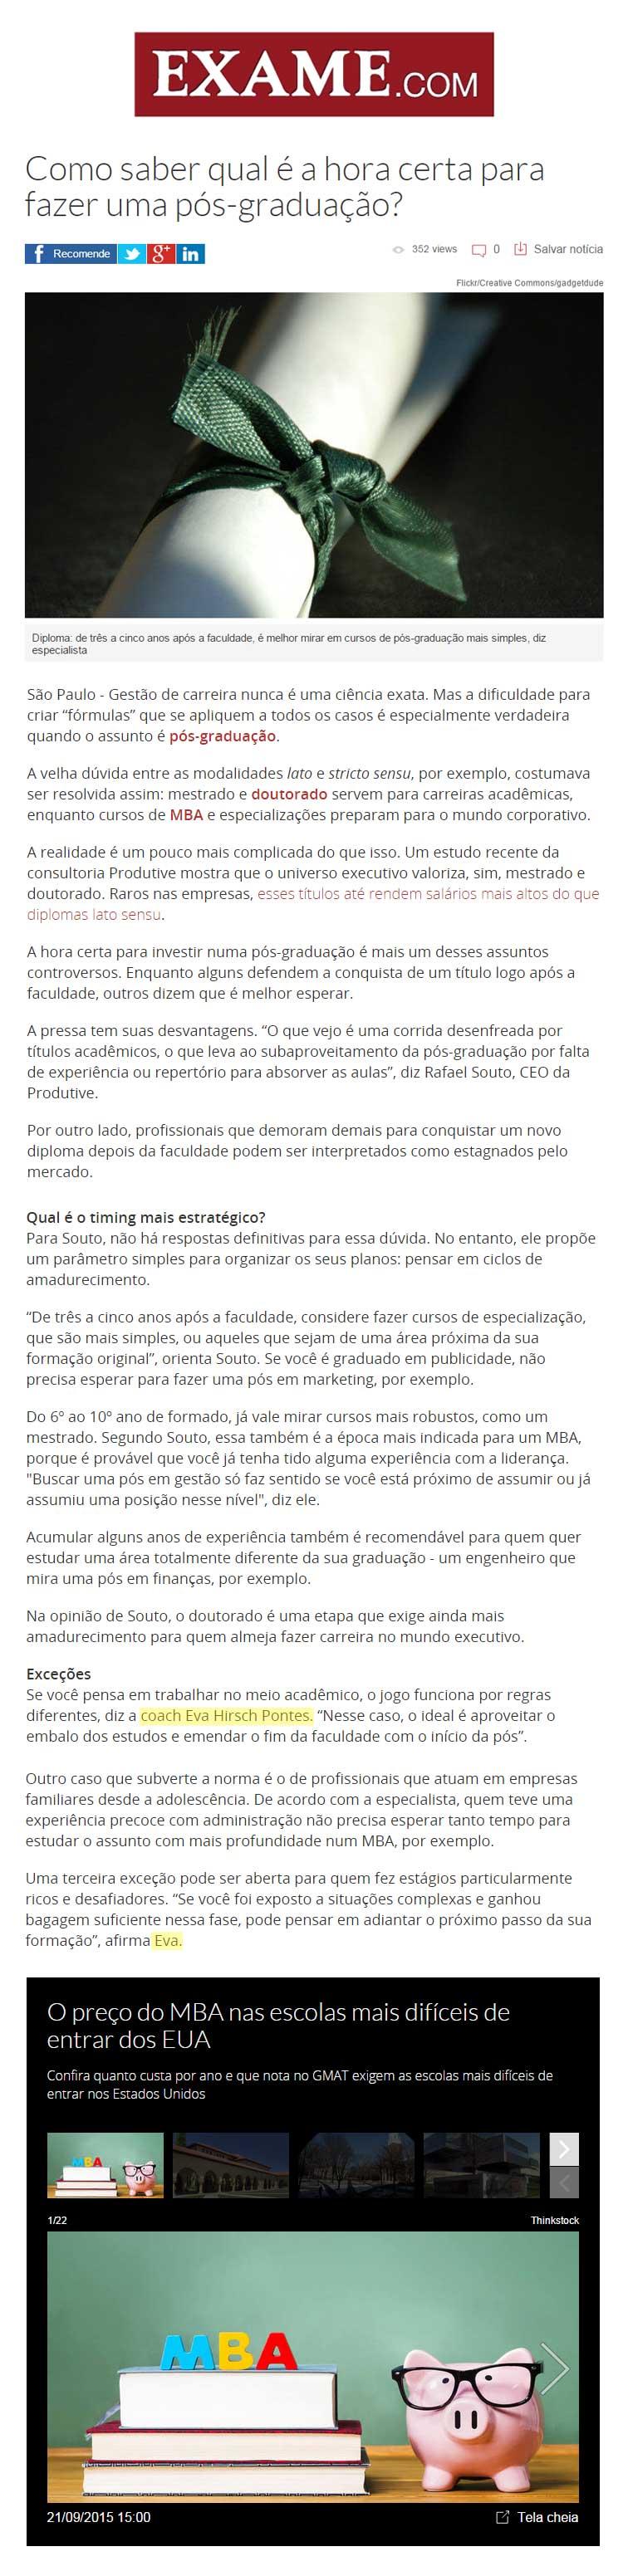 Exame.com_Carreiras_25.09.2015